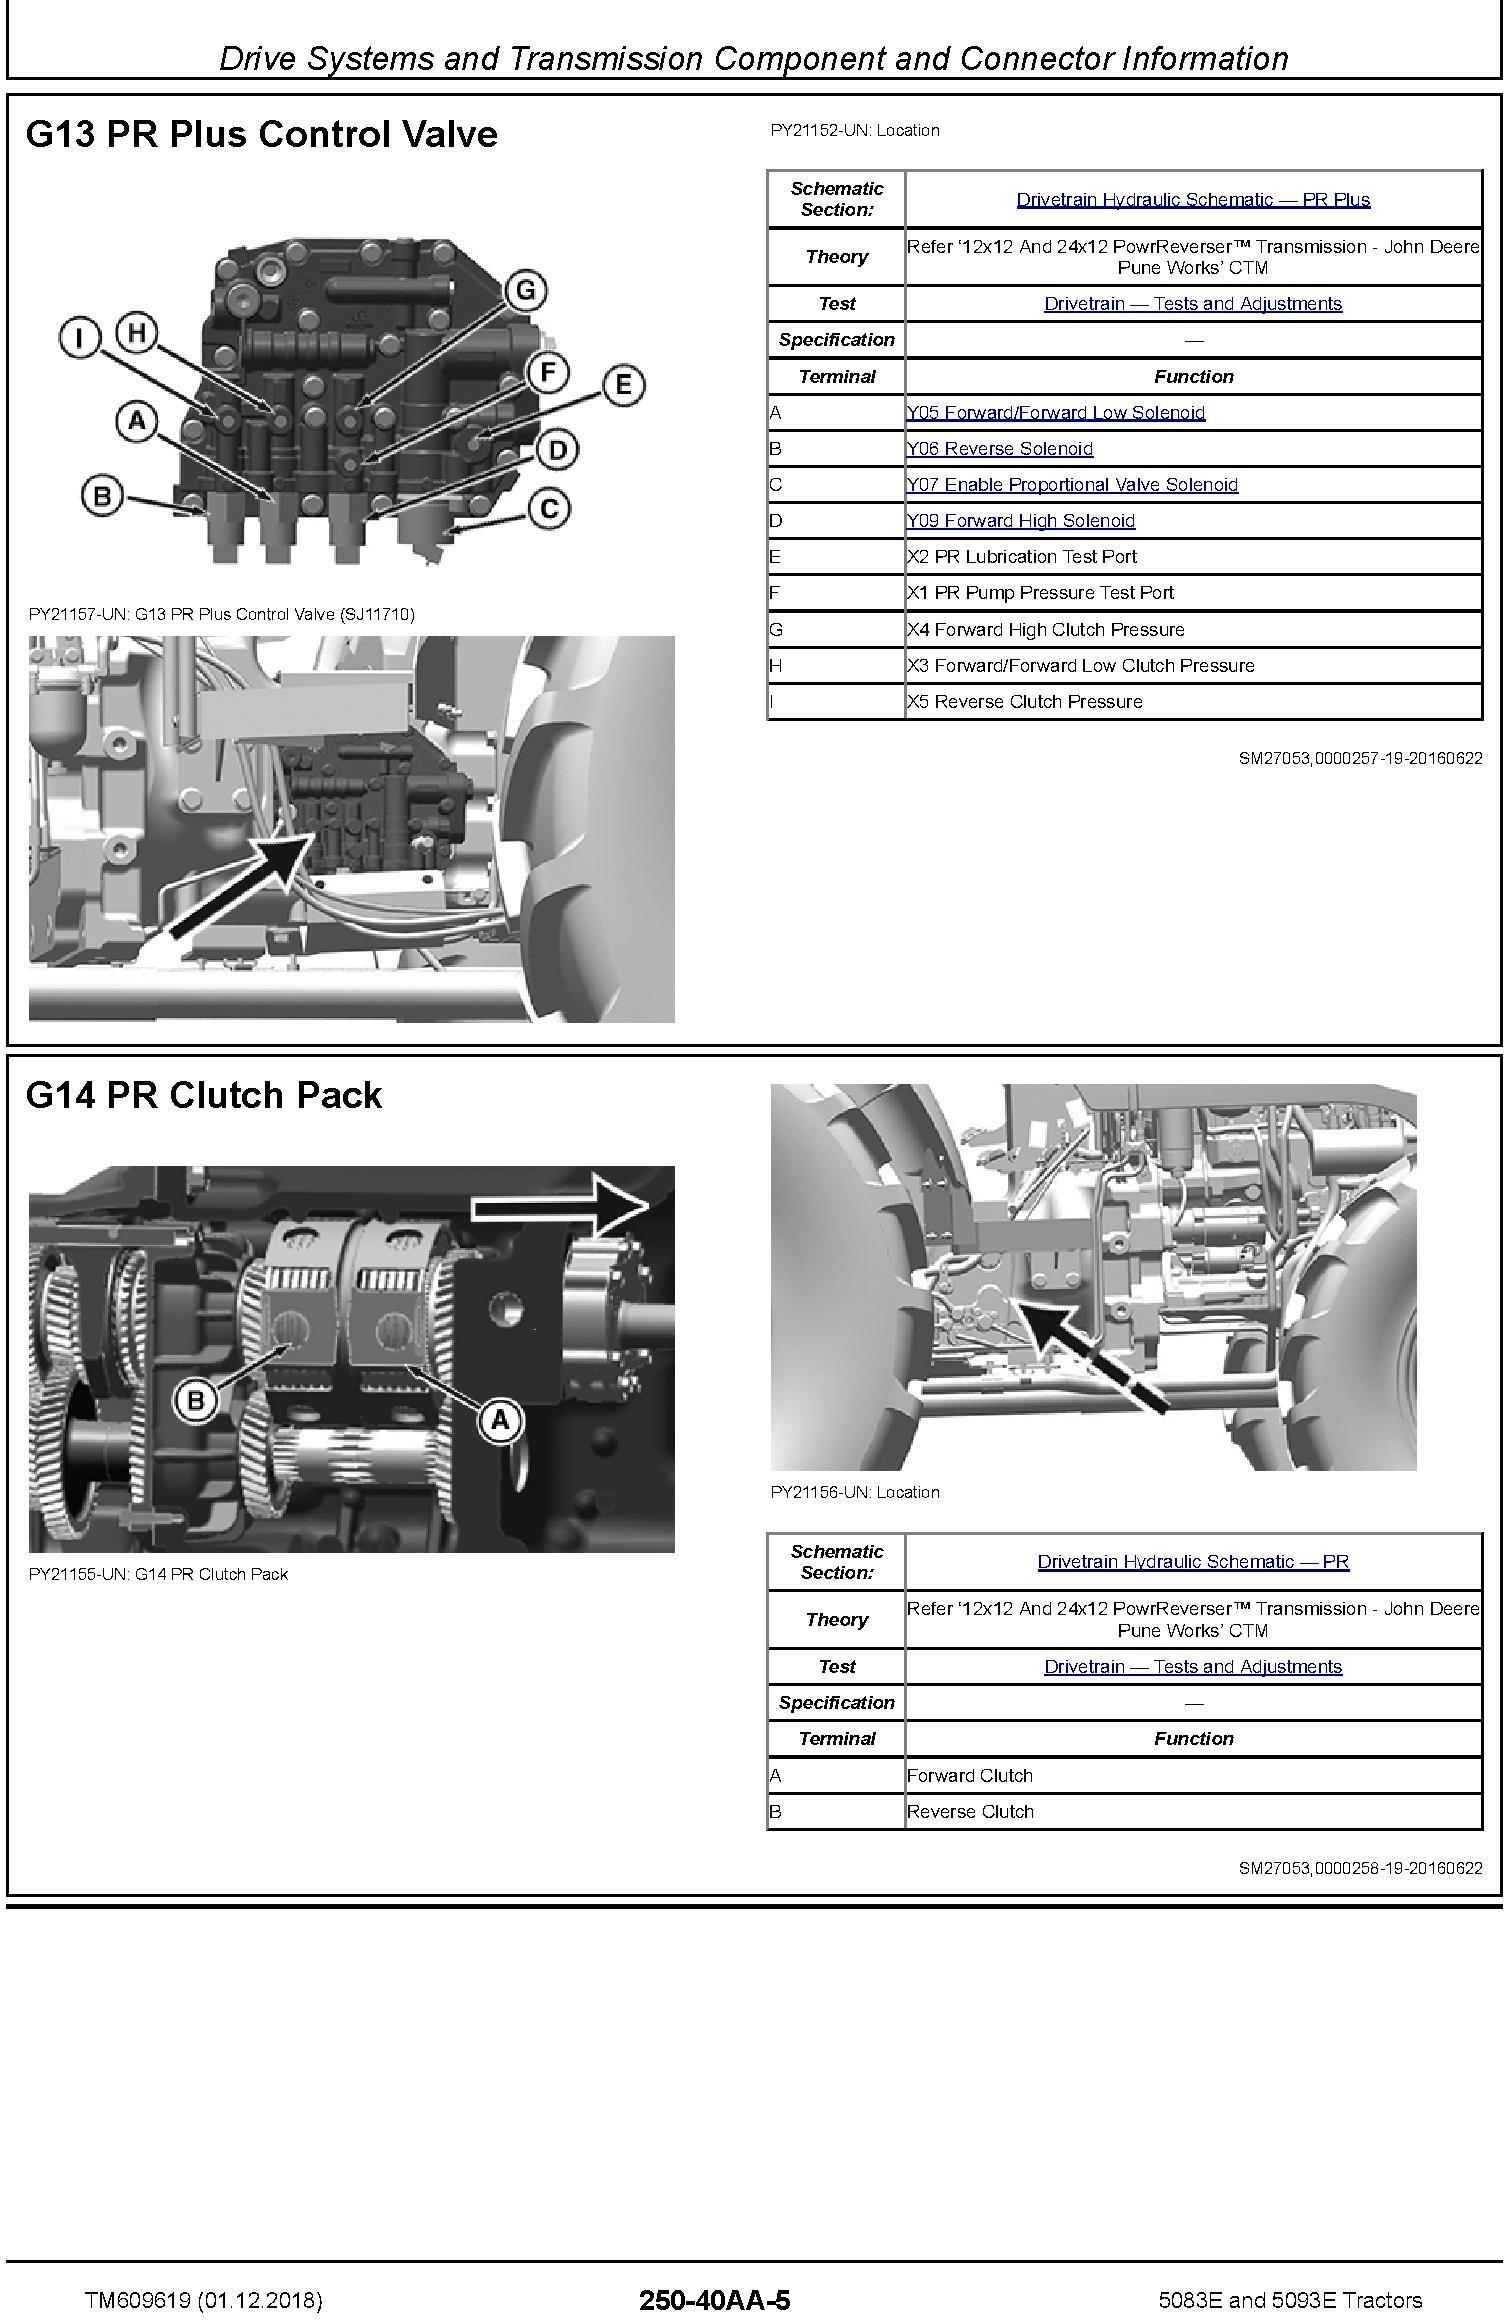 John Deere 5083E and 5093E Tractors Diagnostic Technical Service Manual (TM609619) - 1